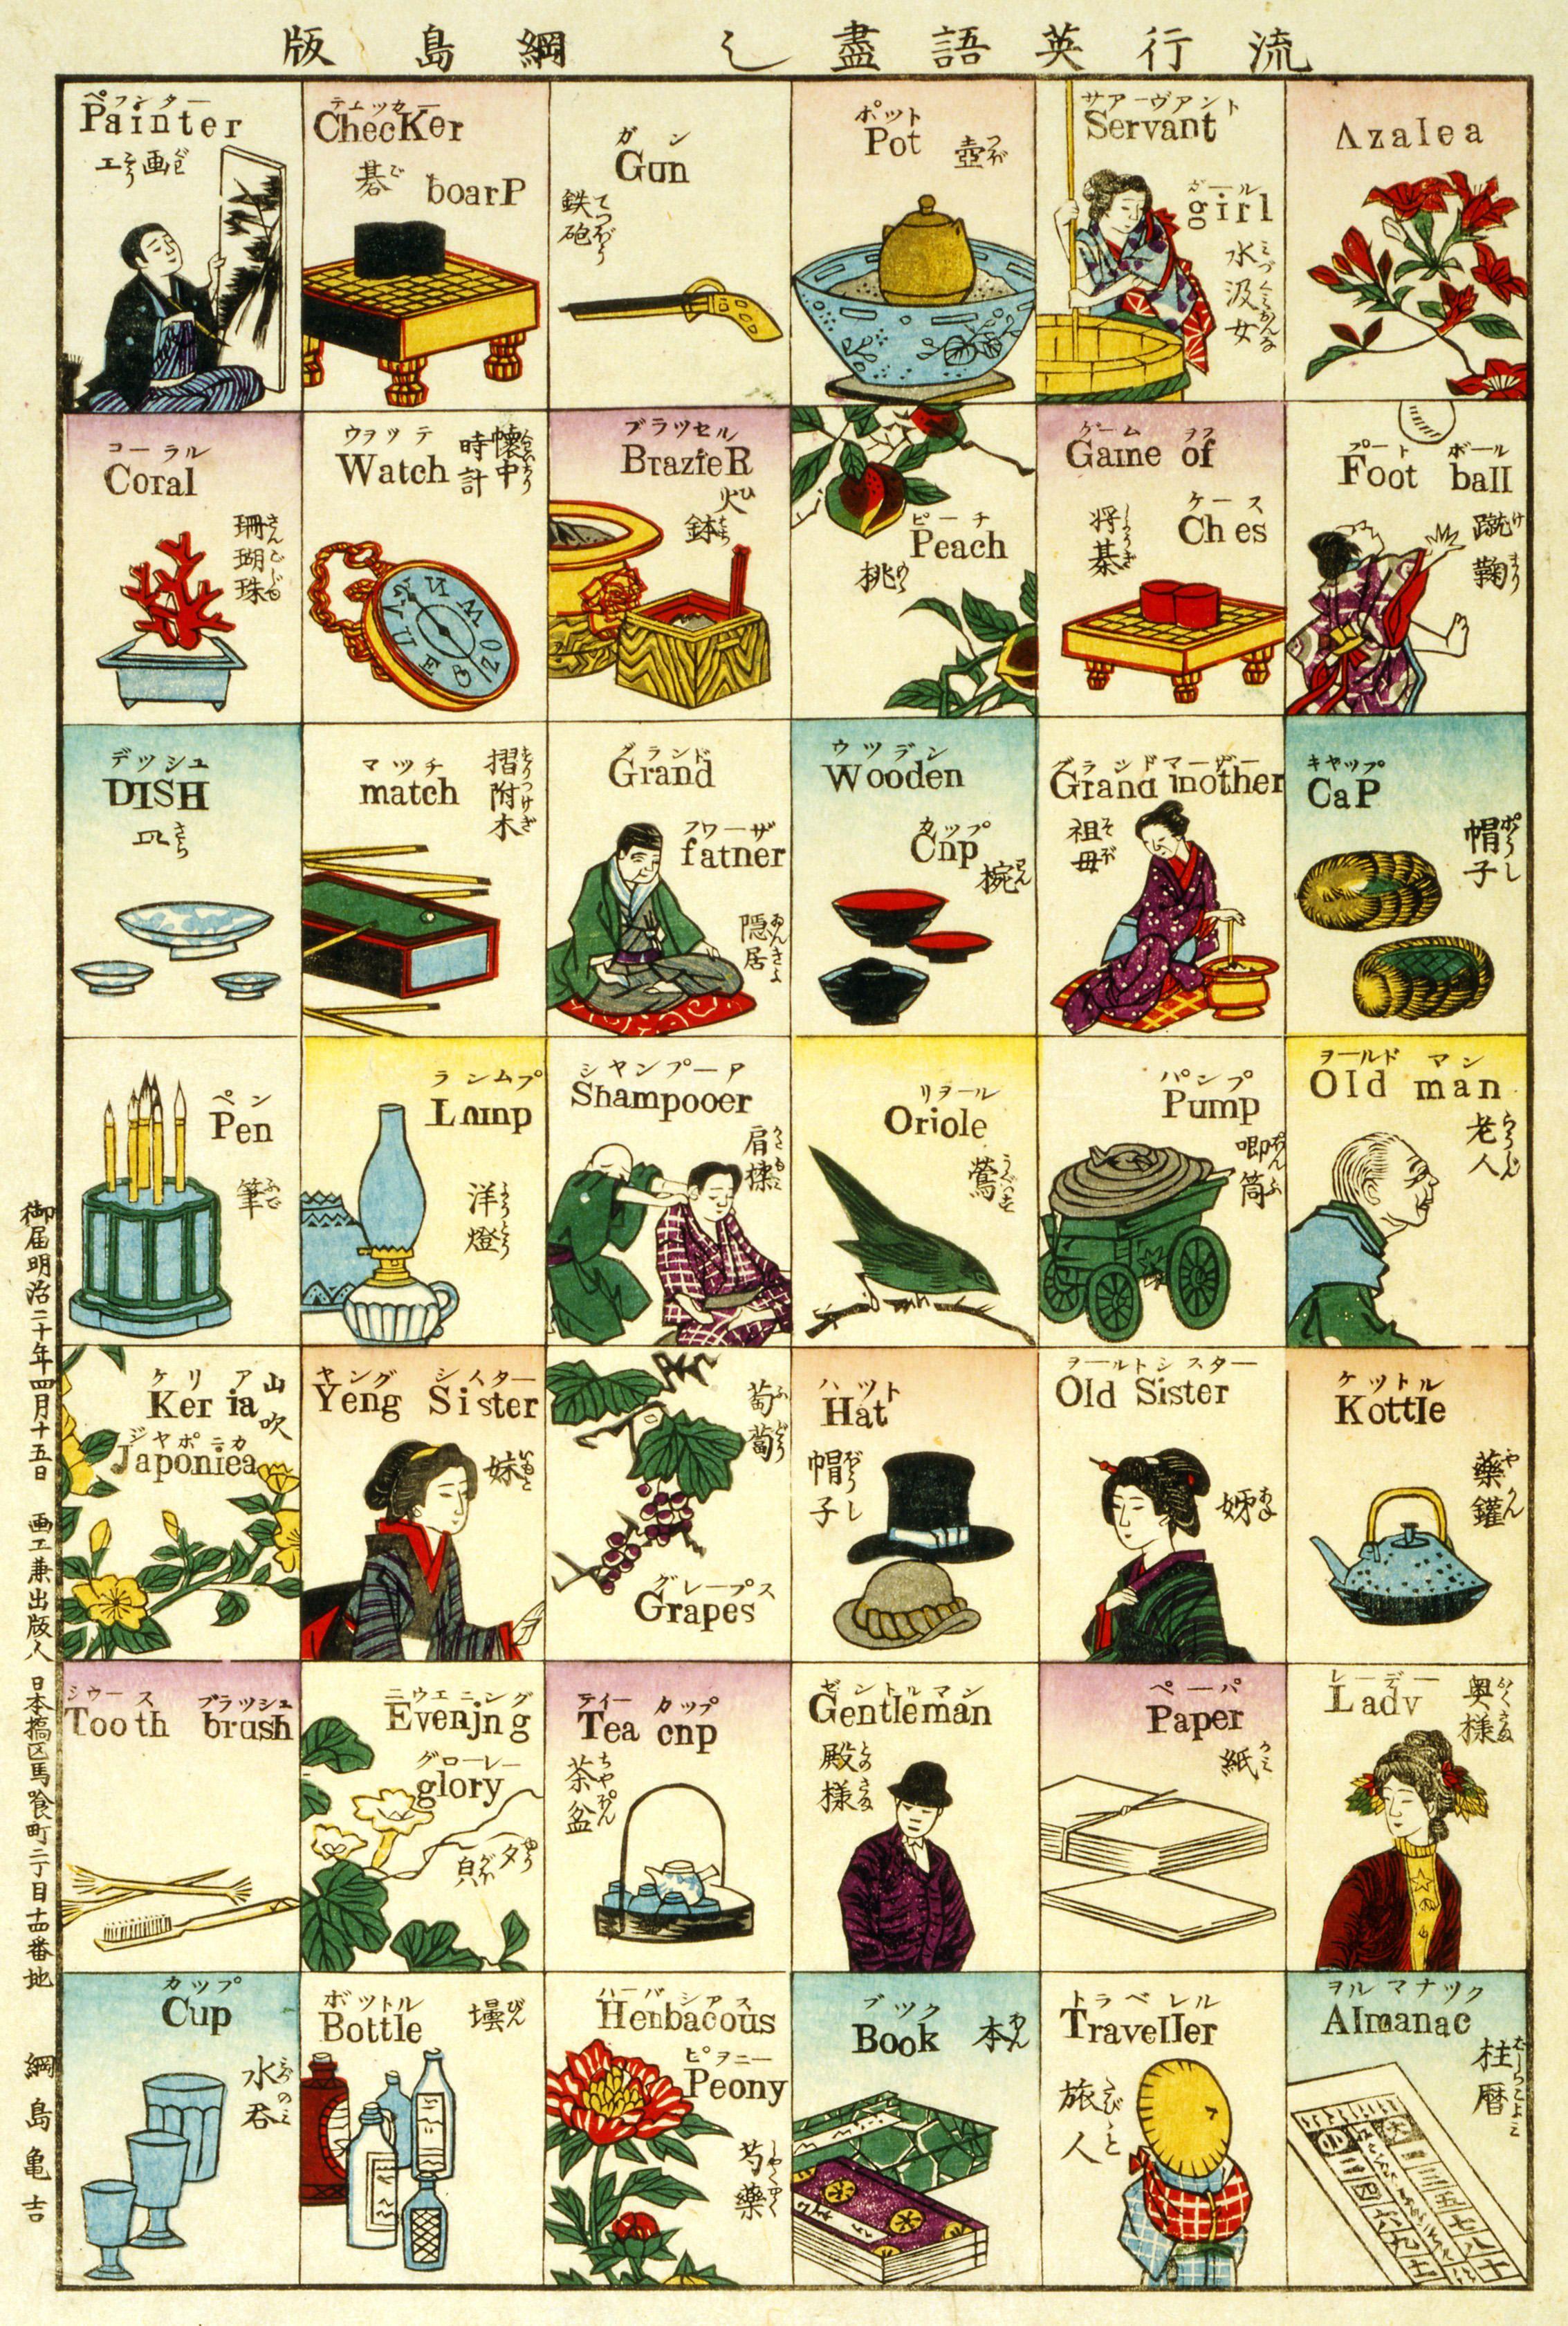 明治時代に作られた英単語を学ぶ木版画『流行英語尽し』 | にっぽん